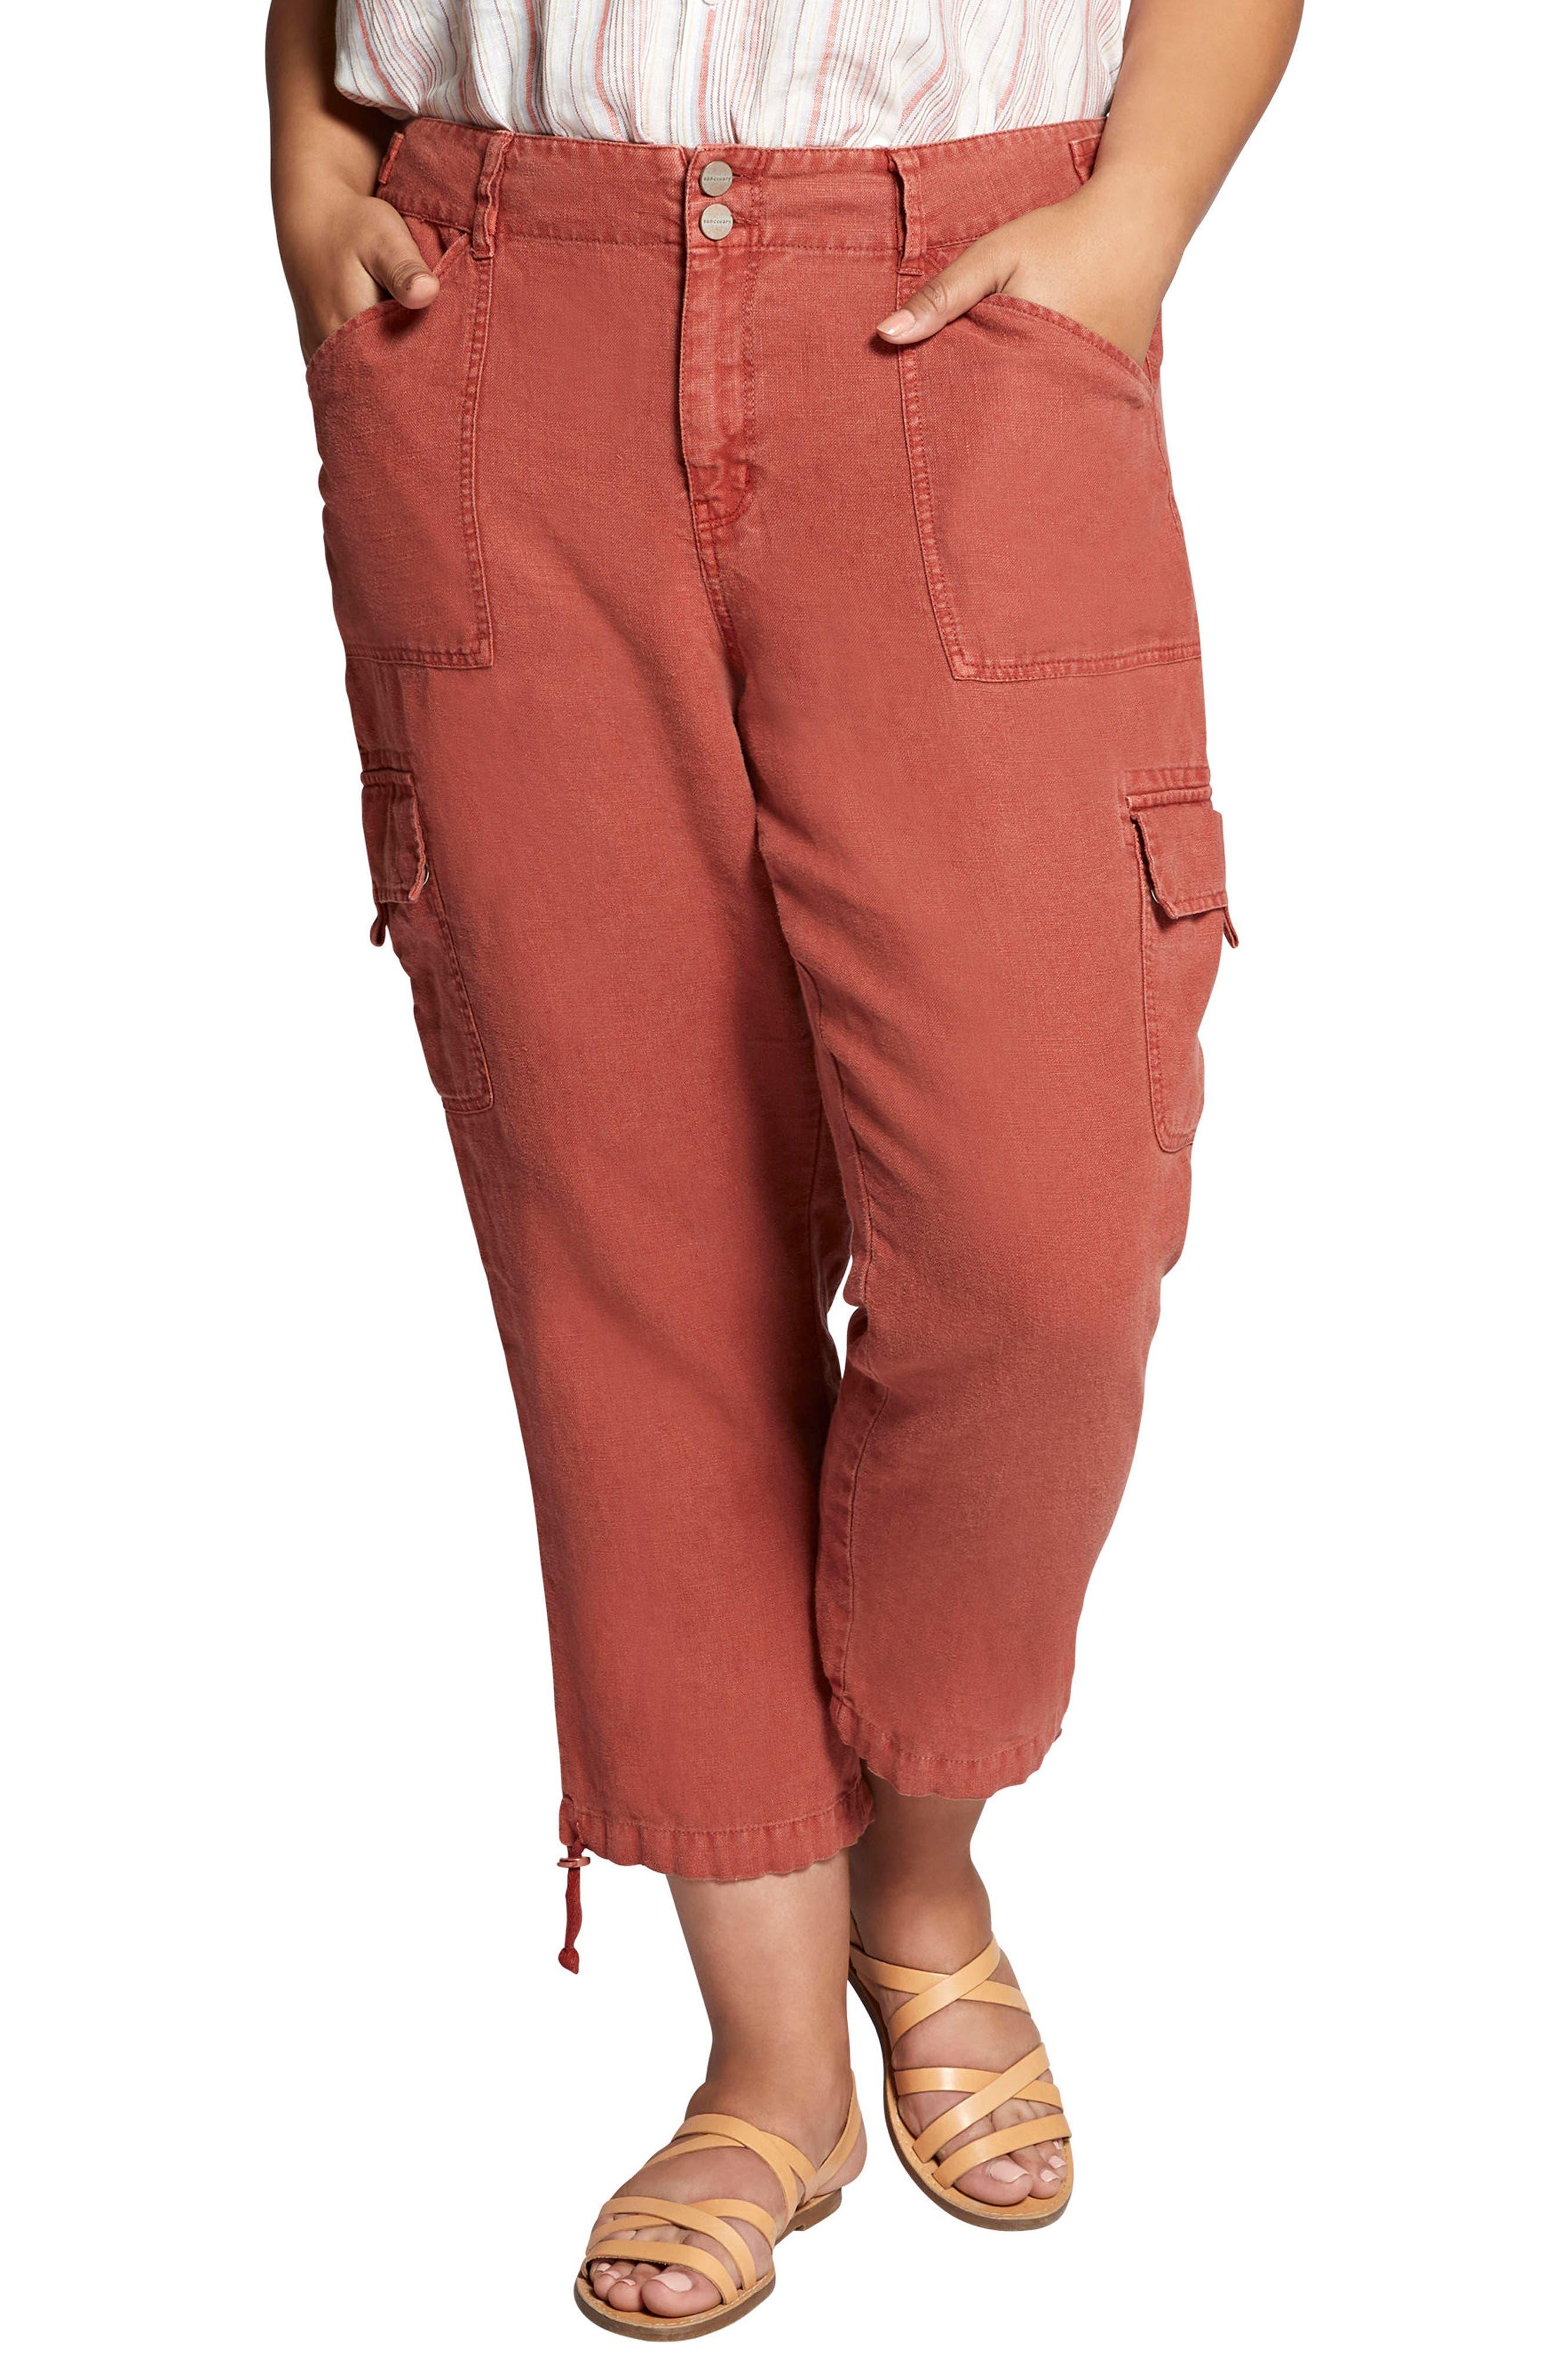 Terrain Crop Linen Cargo Pants,                         Main,                         color, Terra Cotta